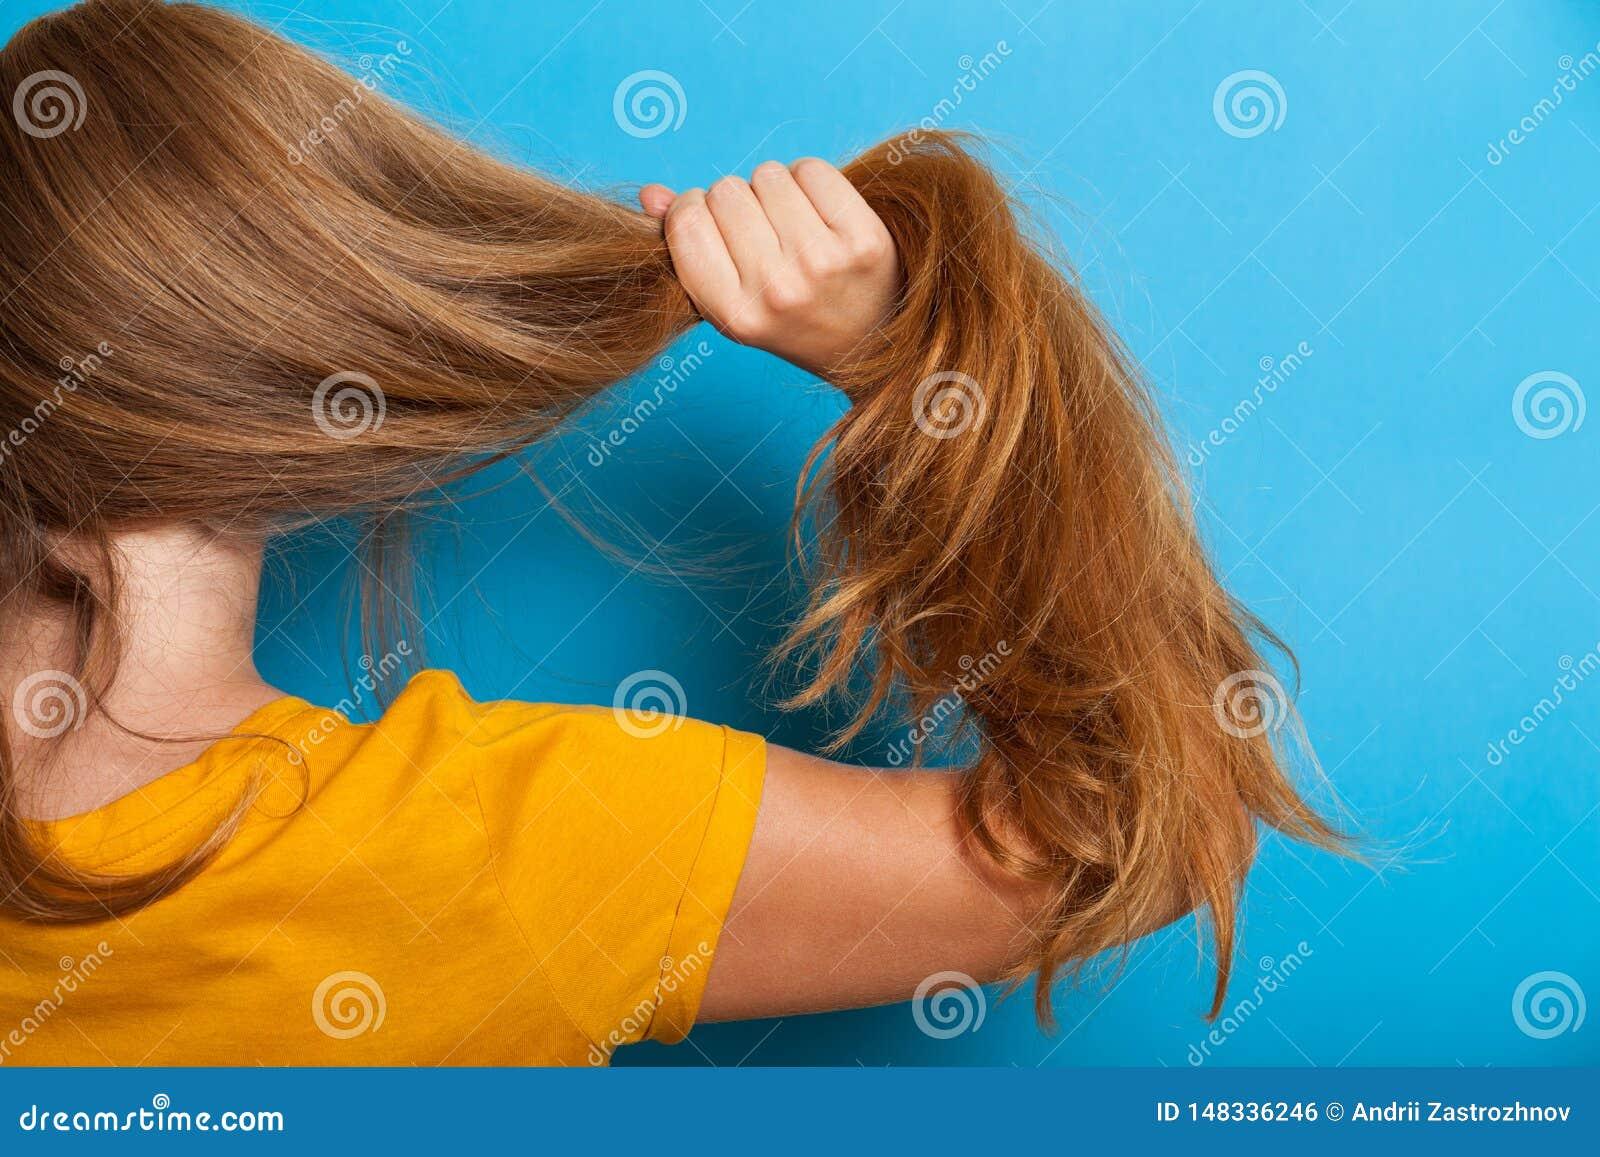 Woman hair problem concept, healthy long brunette